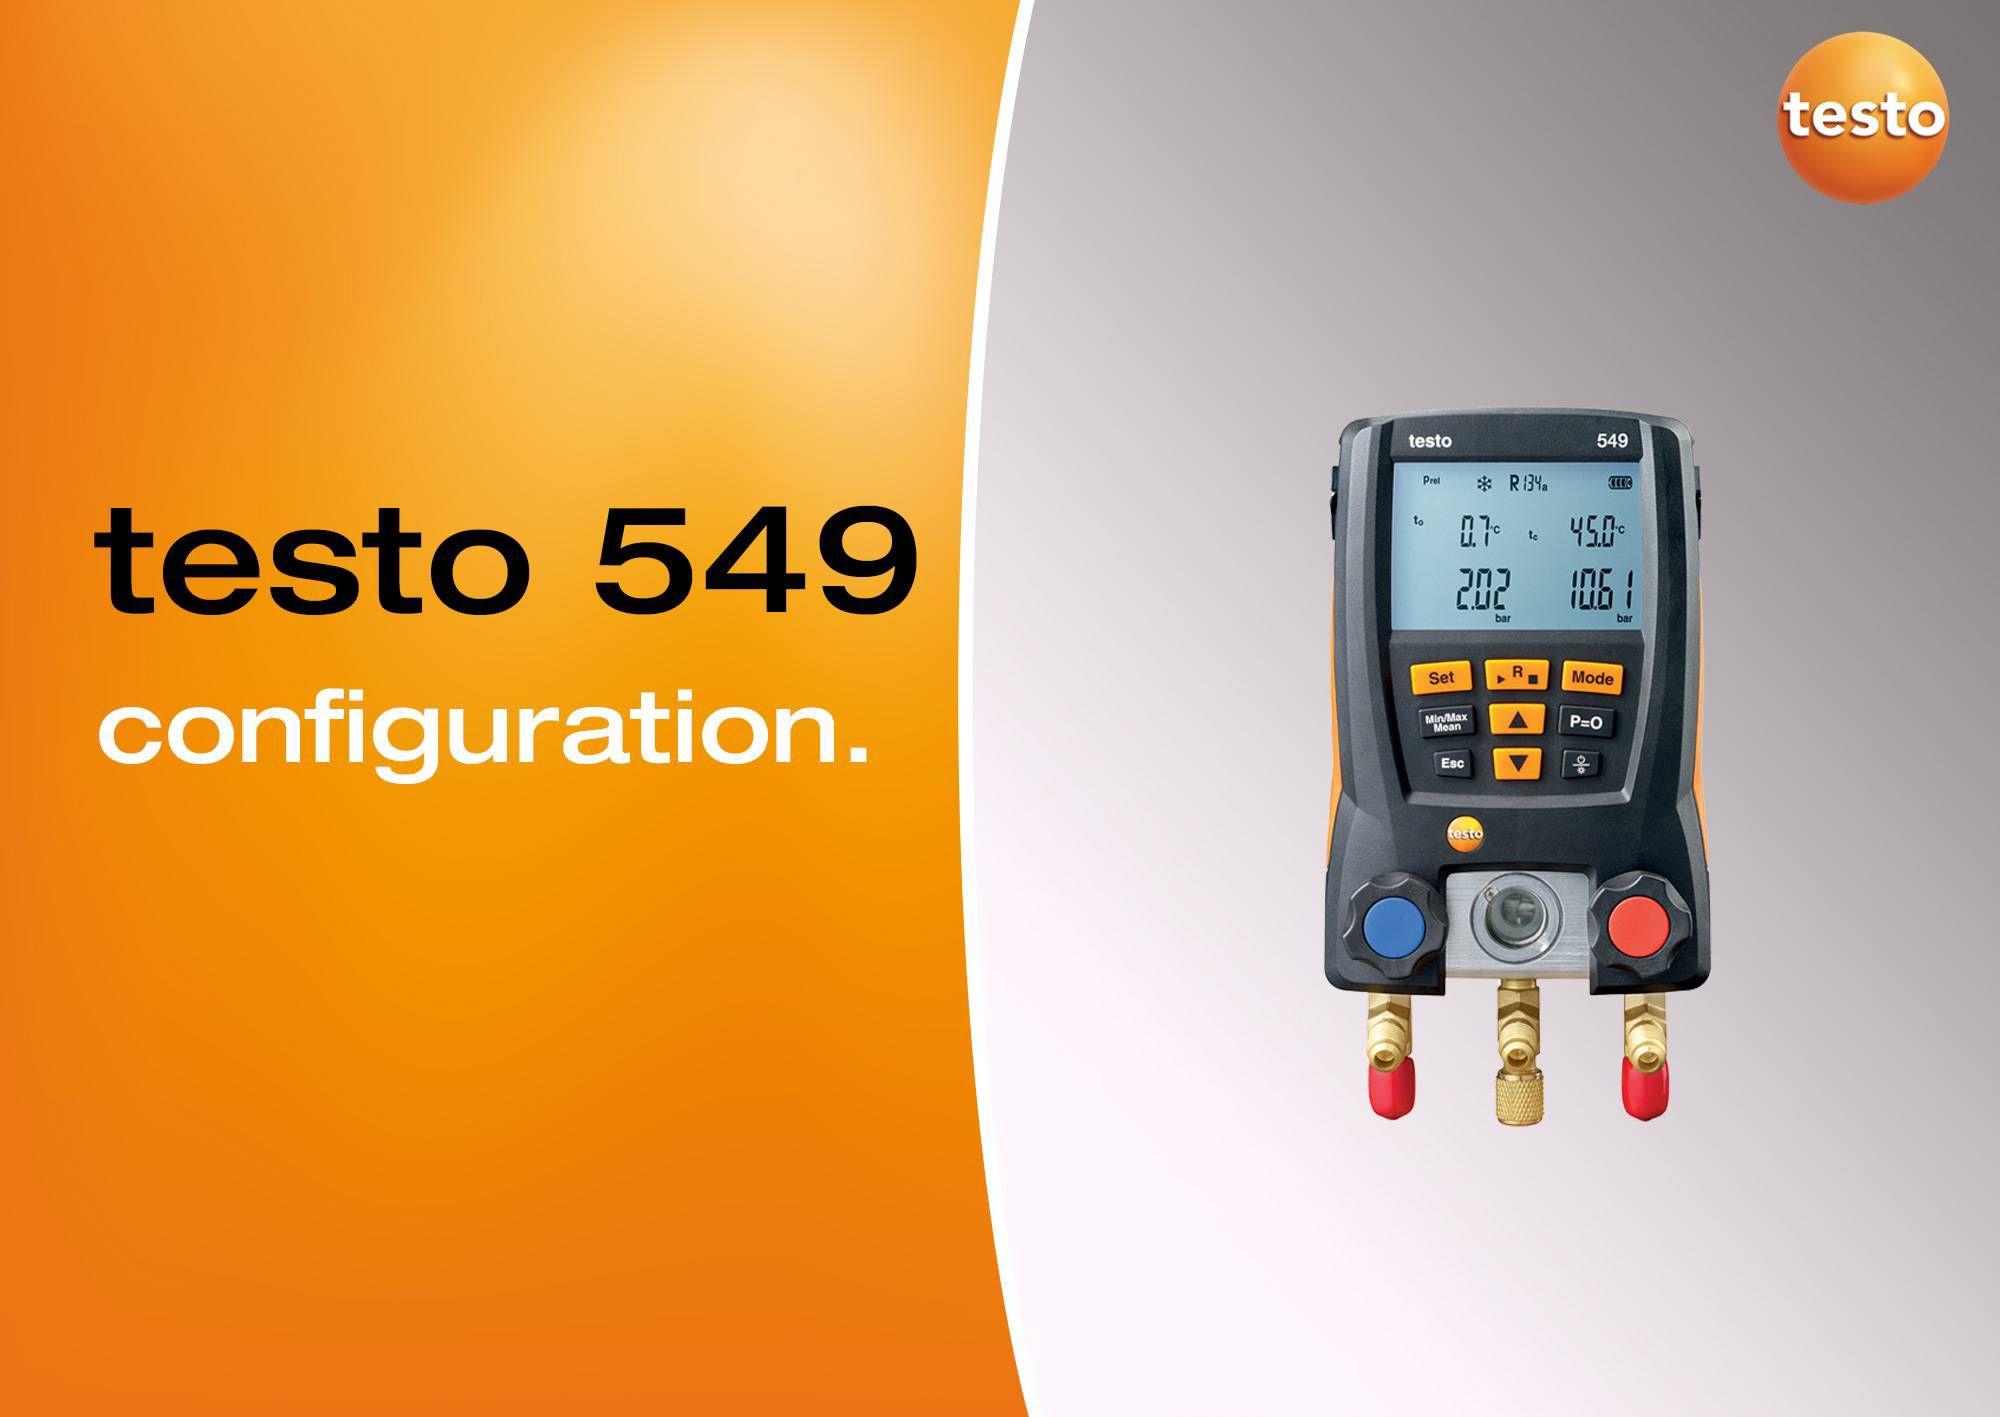 Tutoriel vidéo configuration manomètre testo 549